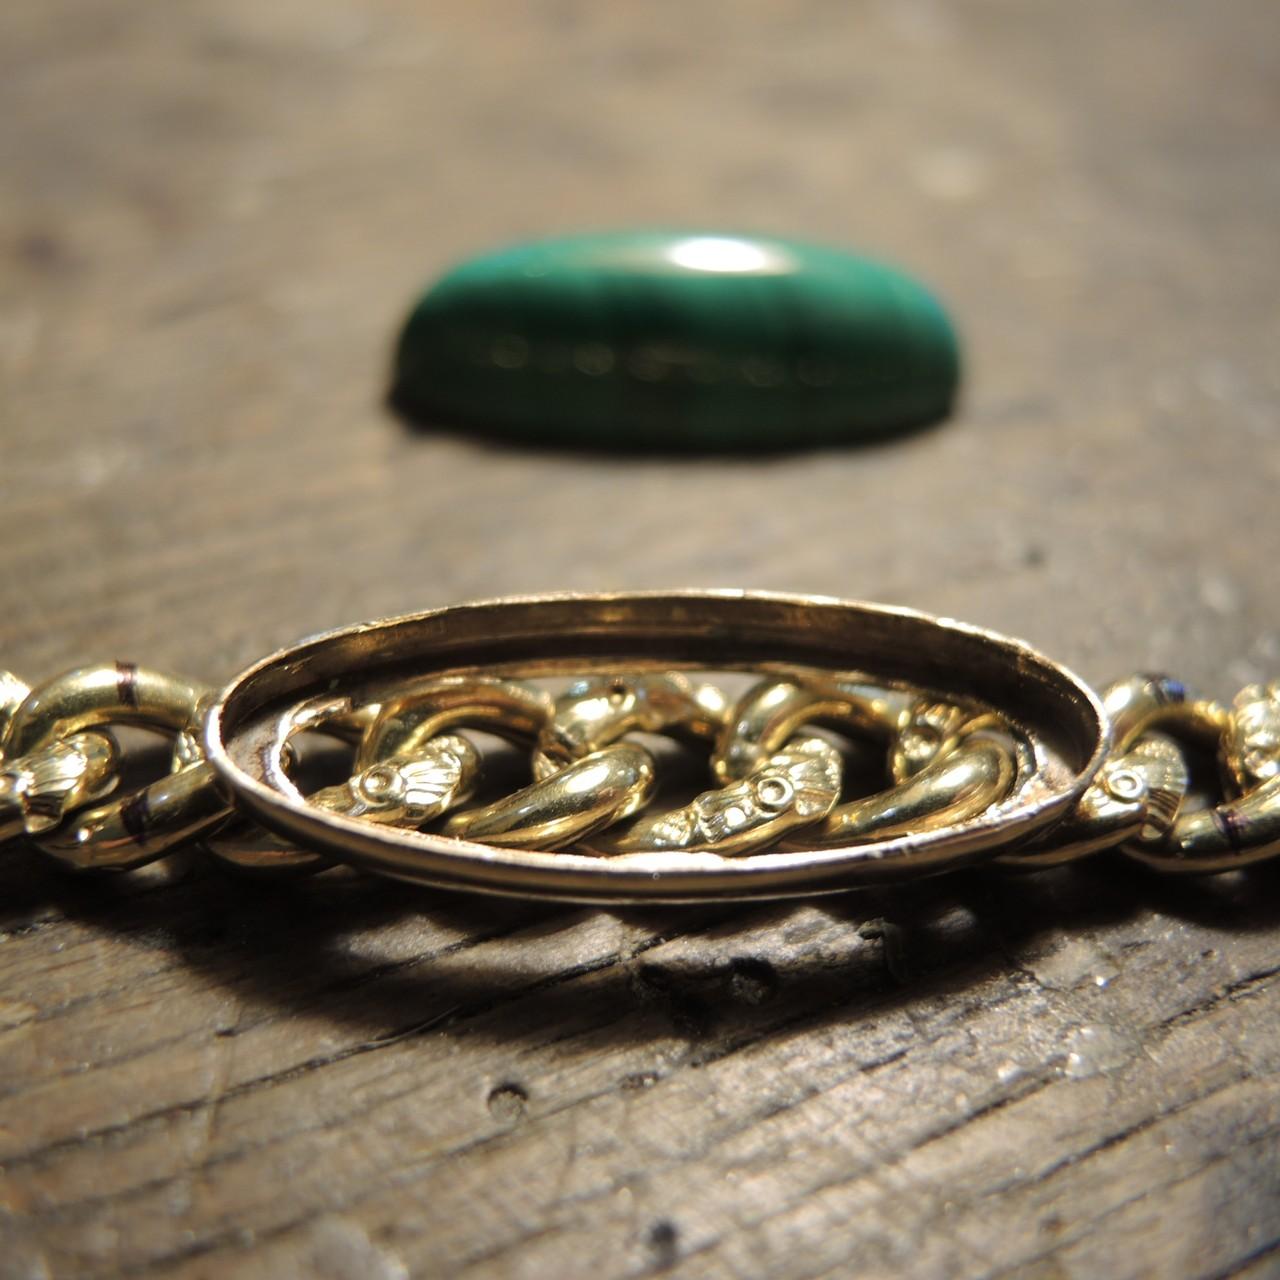 Gold Fassung an der Armkette angelötet